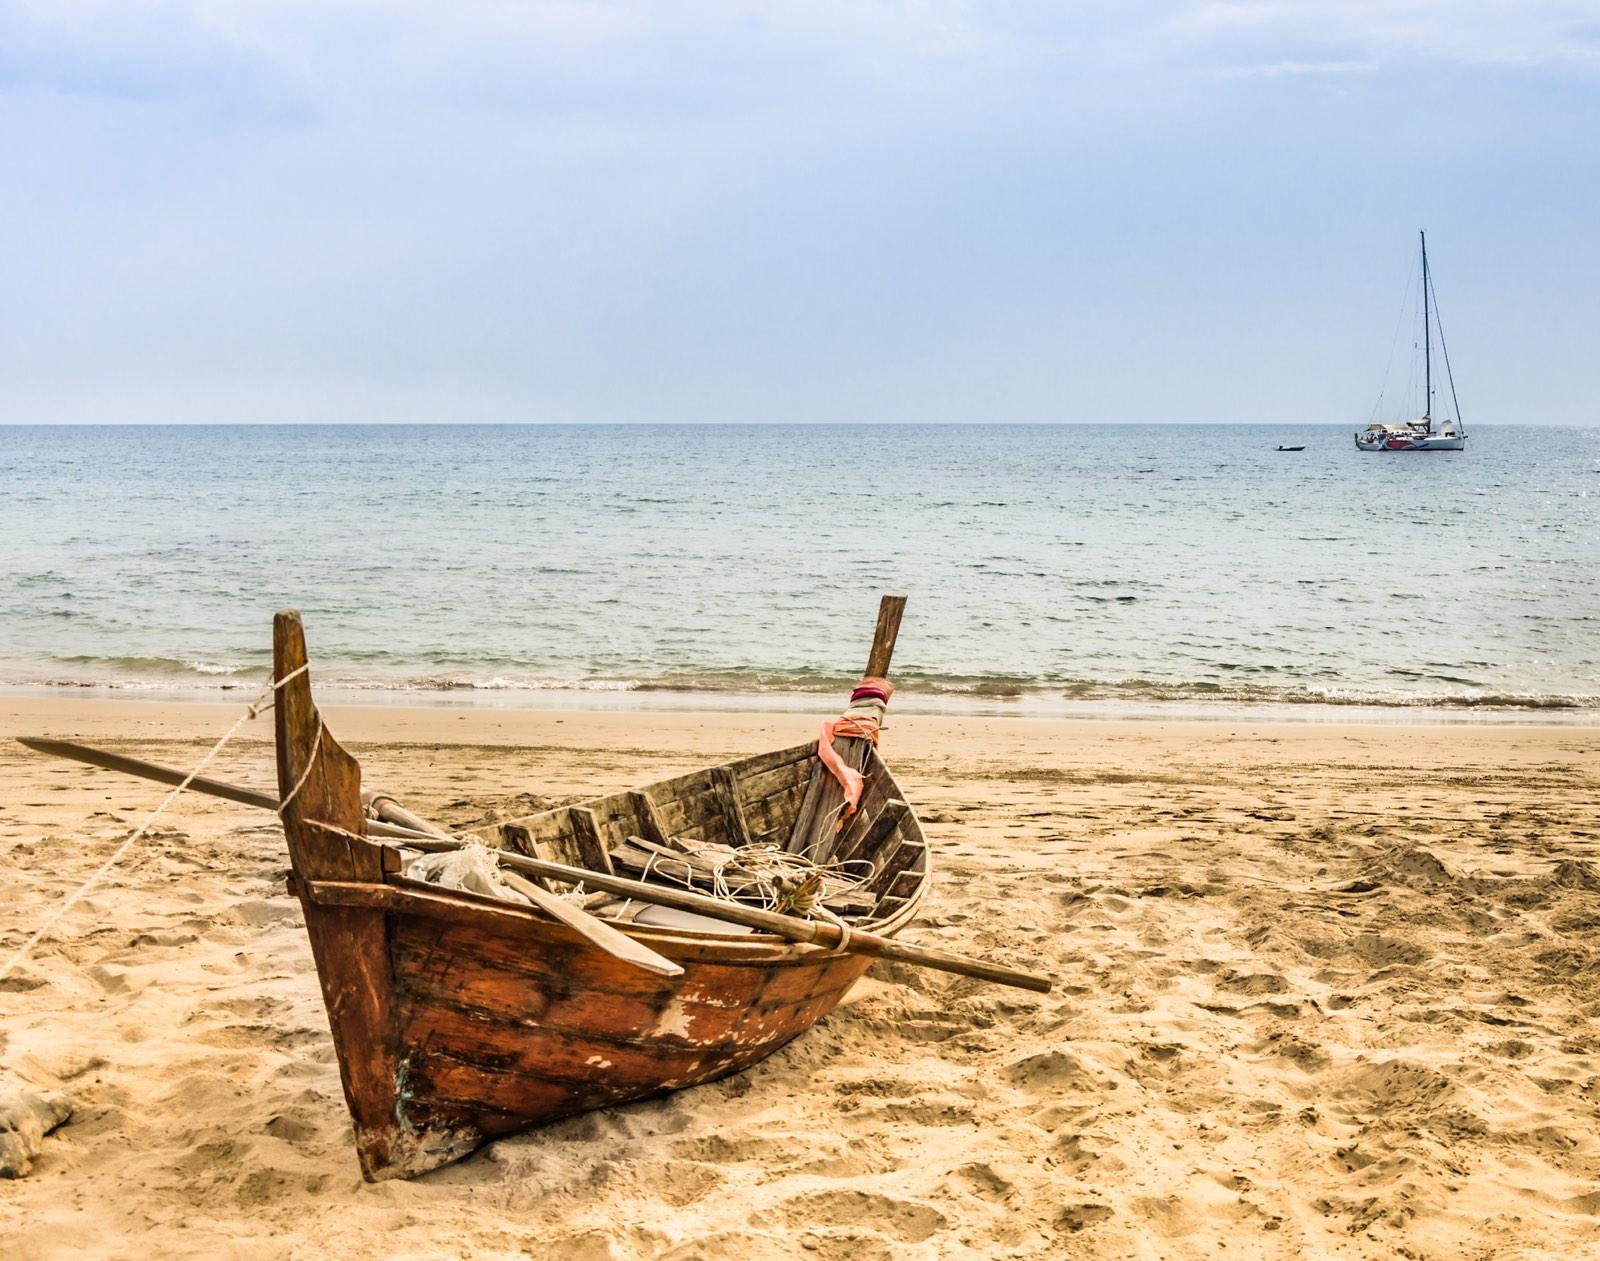 roeiboot op strand en op zee een zeilboot